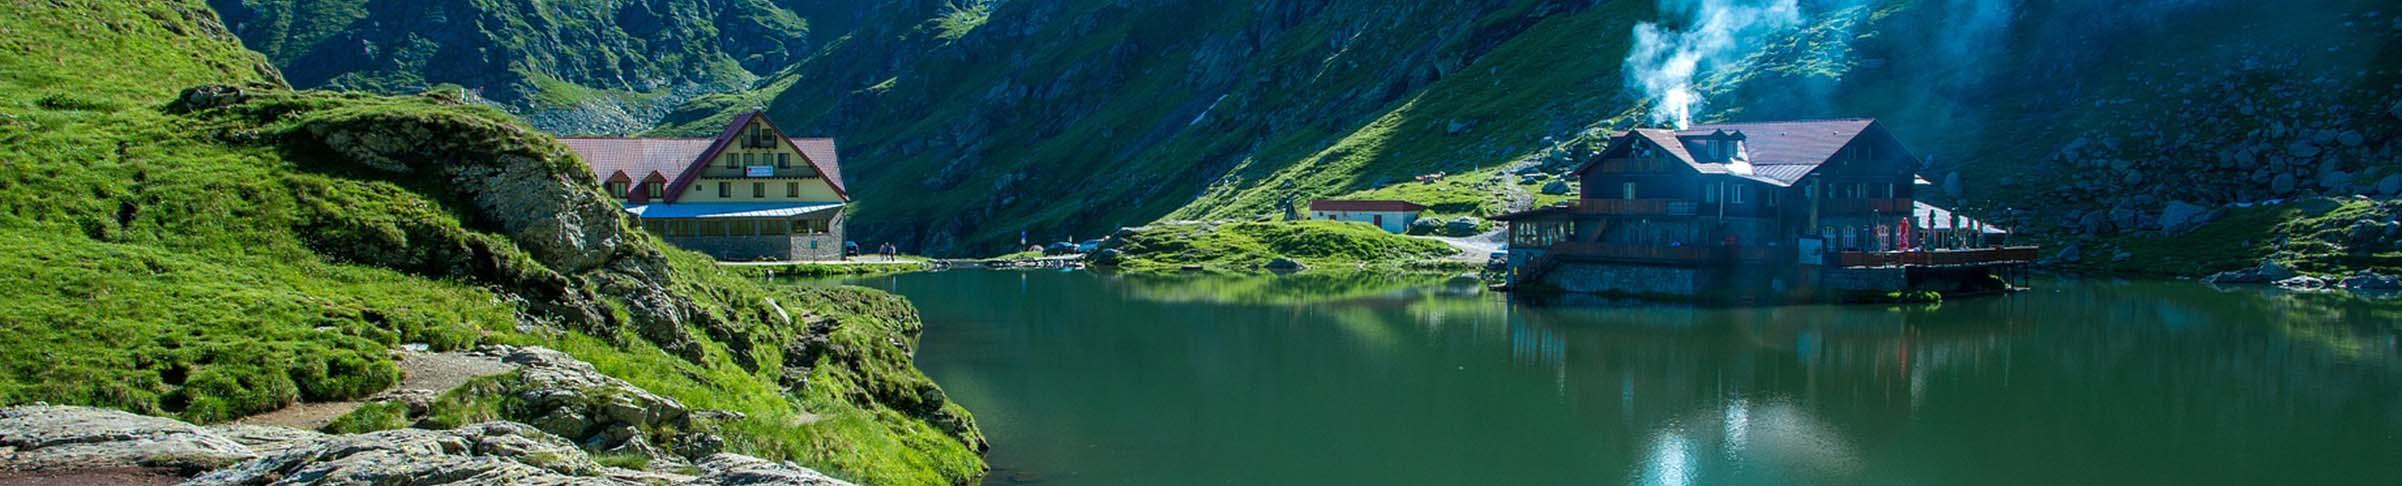 Colorful city of Sibenik panoramic view